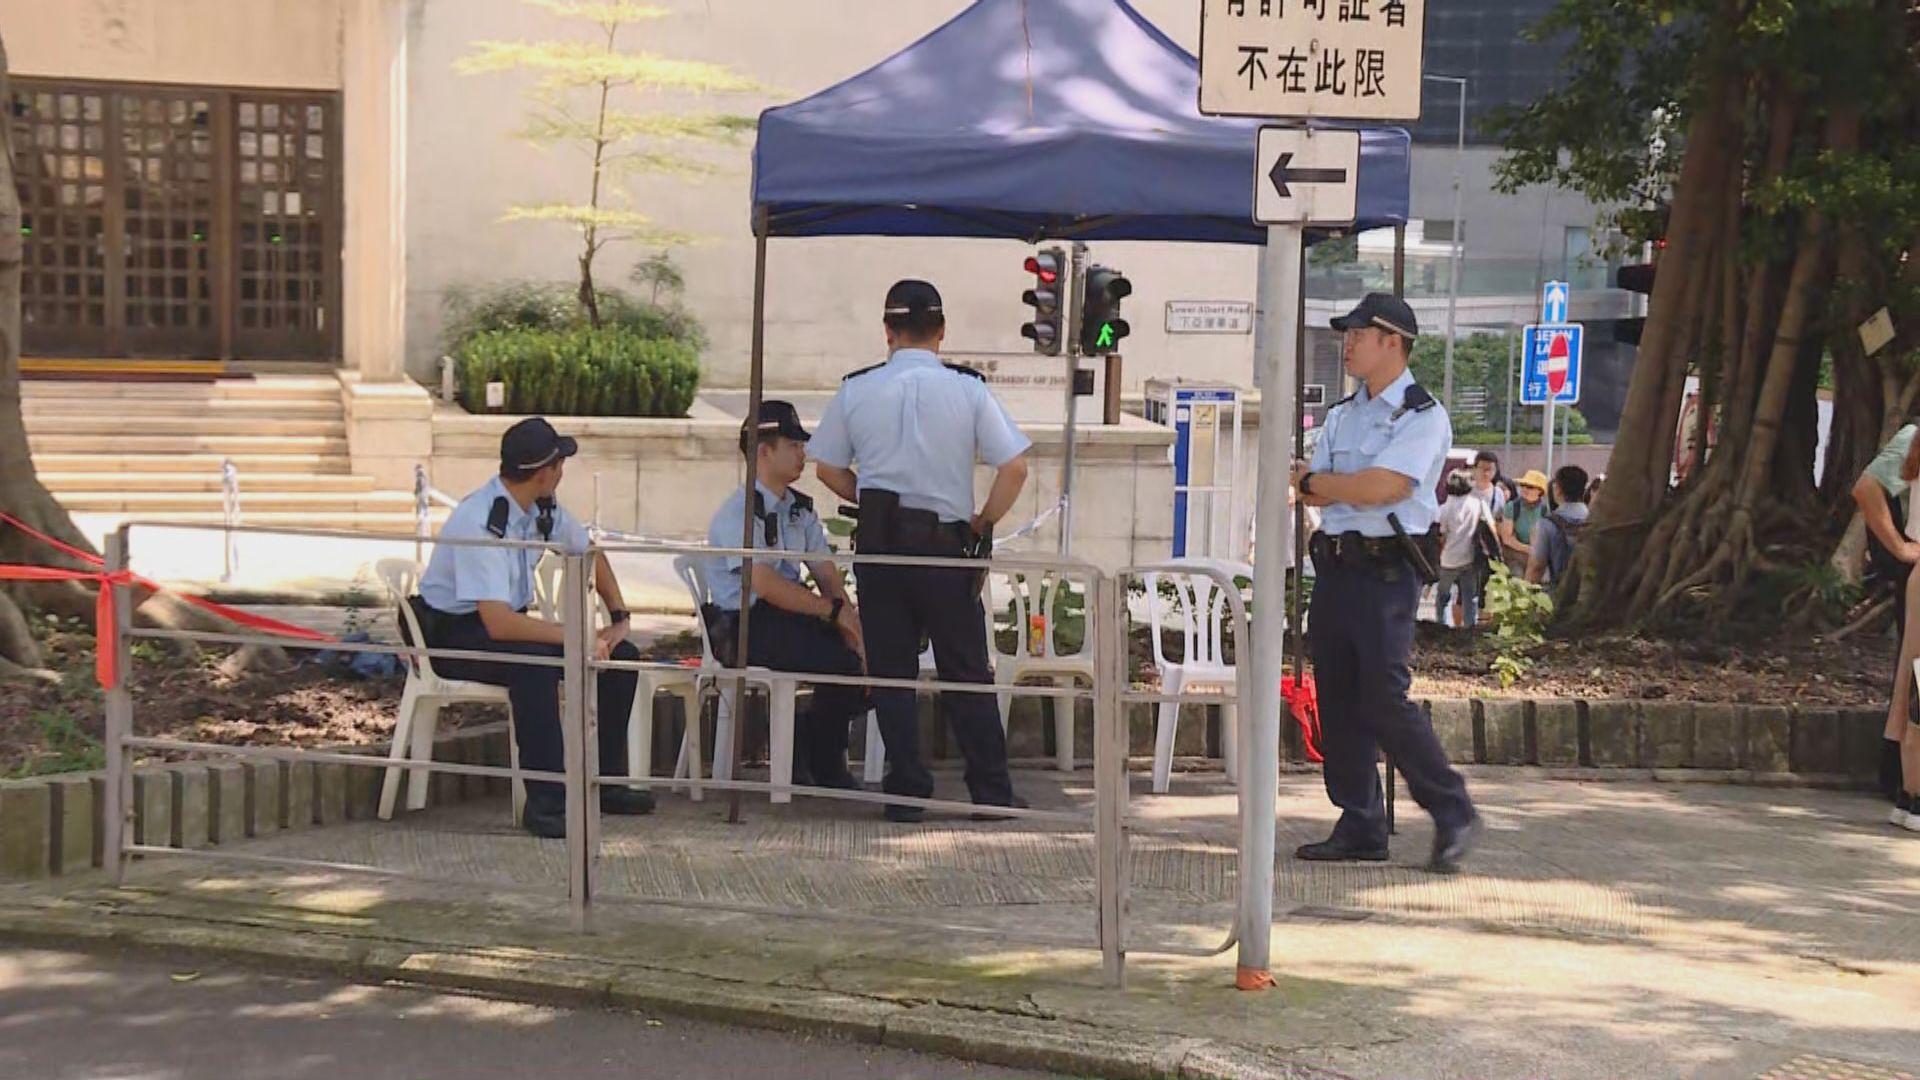 網民發起遊行至美領館 警方戒備